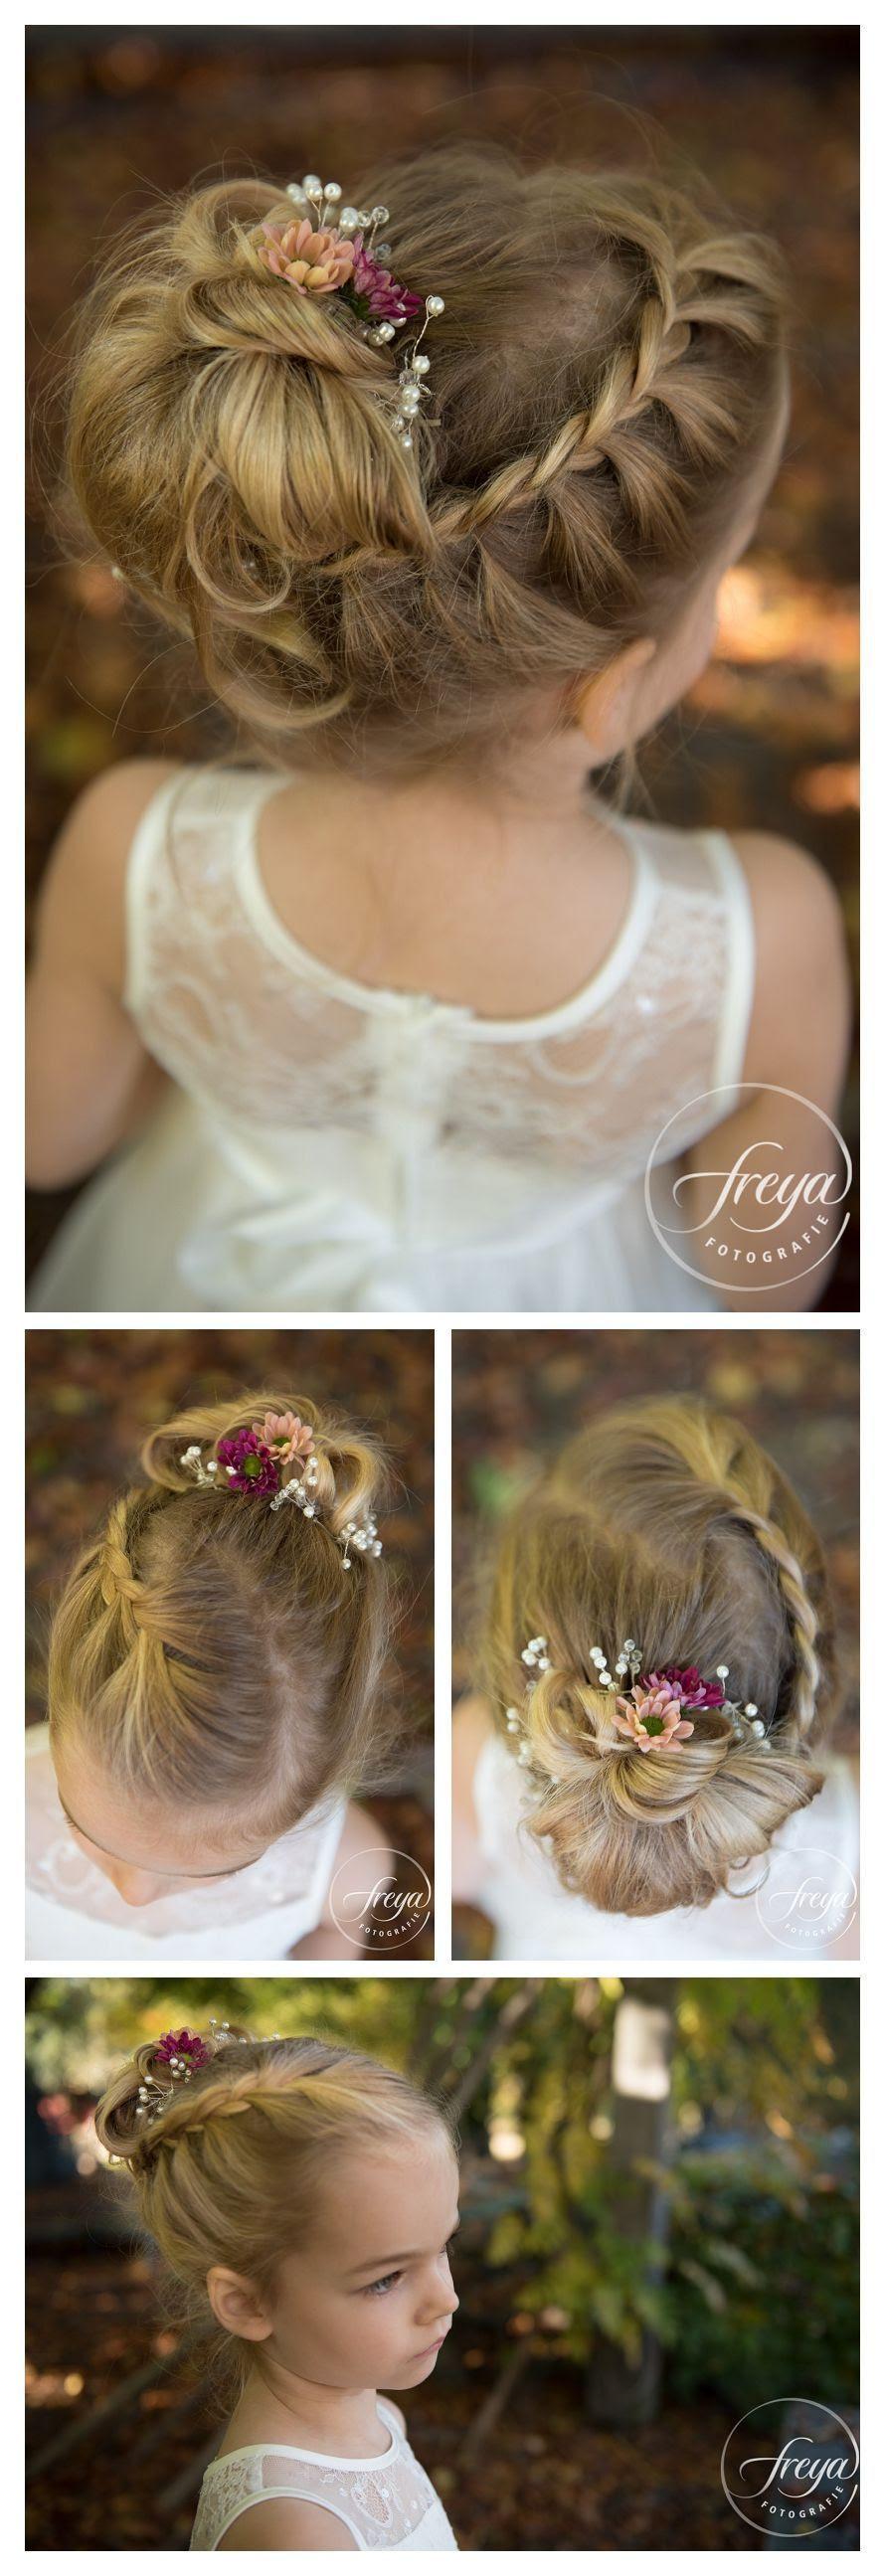 Kommunion Frisur Mit Echten Blumen - Frisur